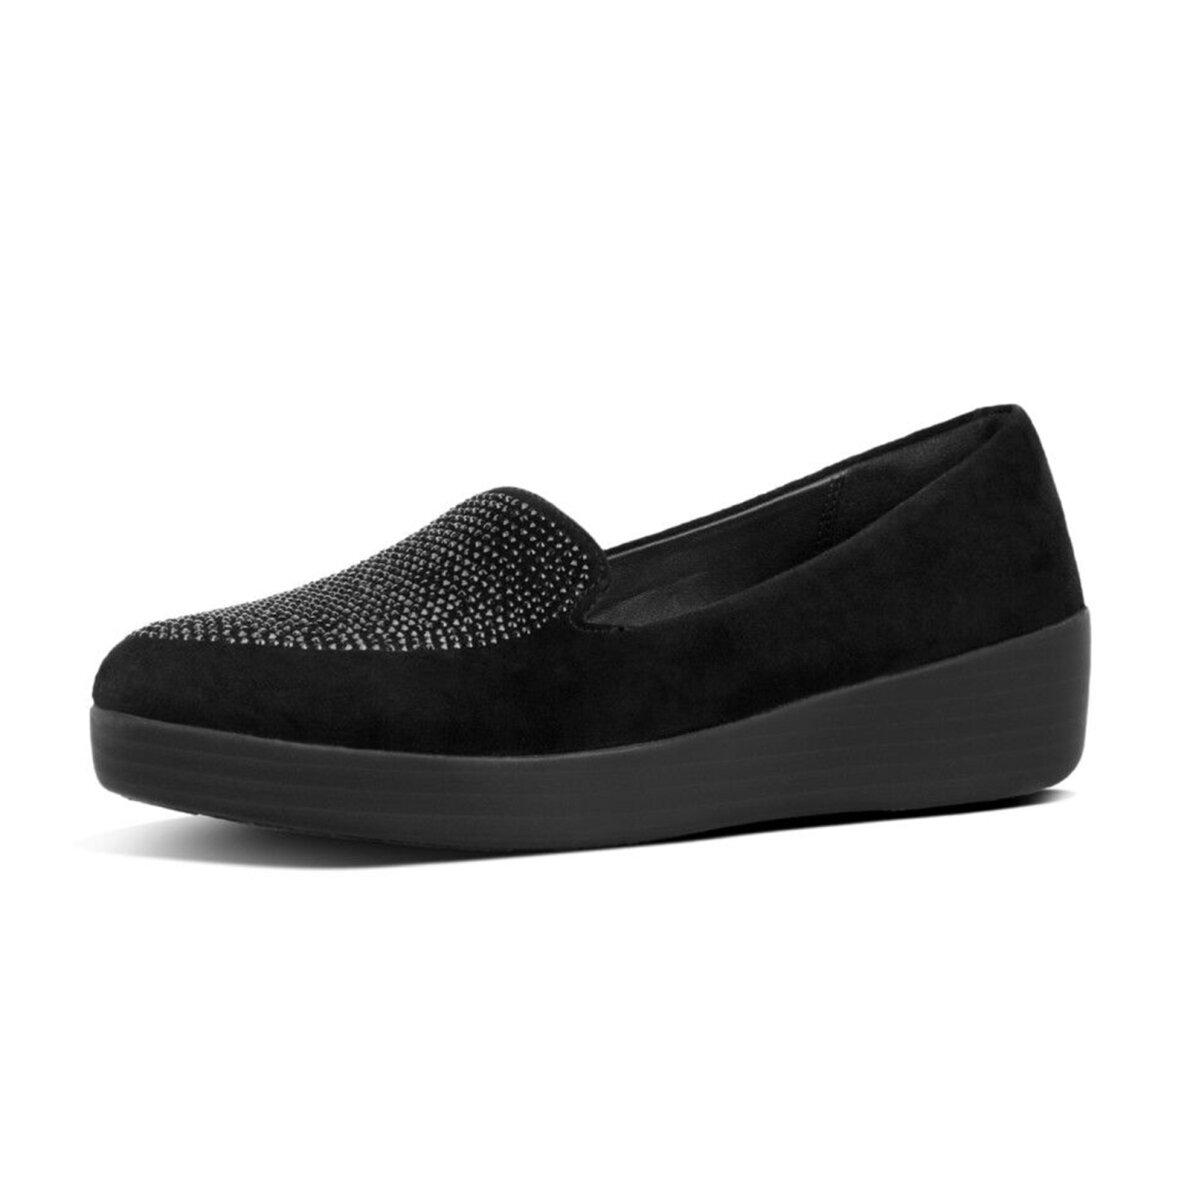 92855db6881 Fitflop Sparkly Sneaker Loafers til Kvinder - Piedi.dk